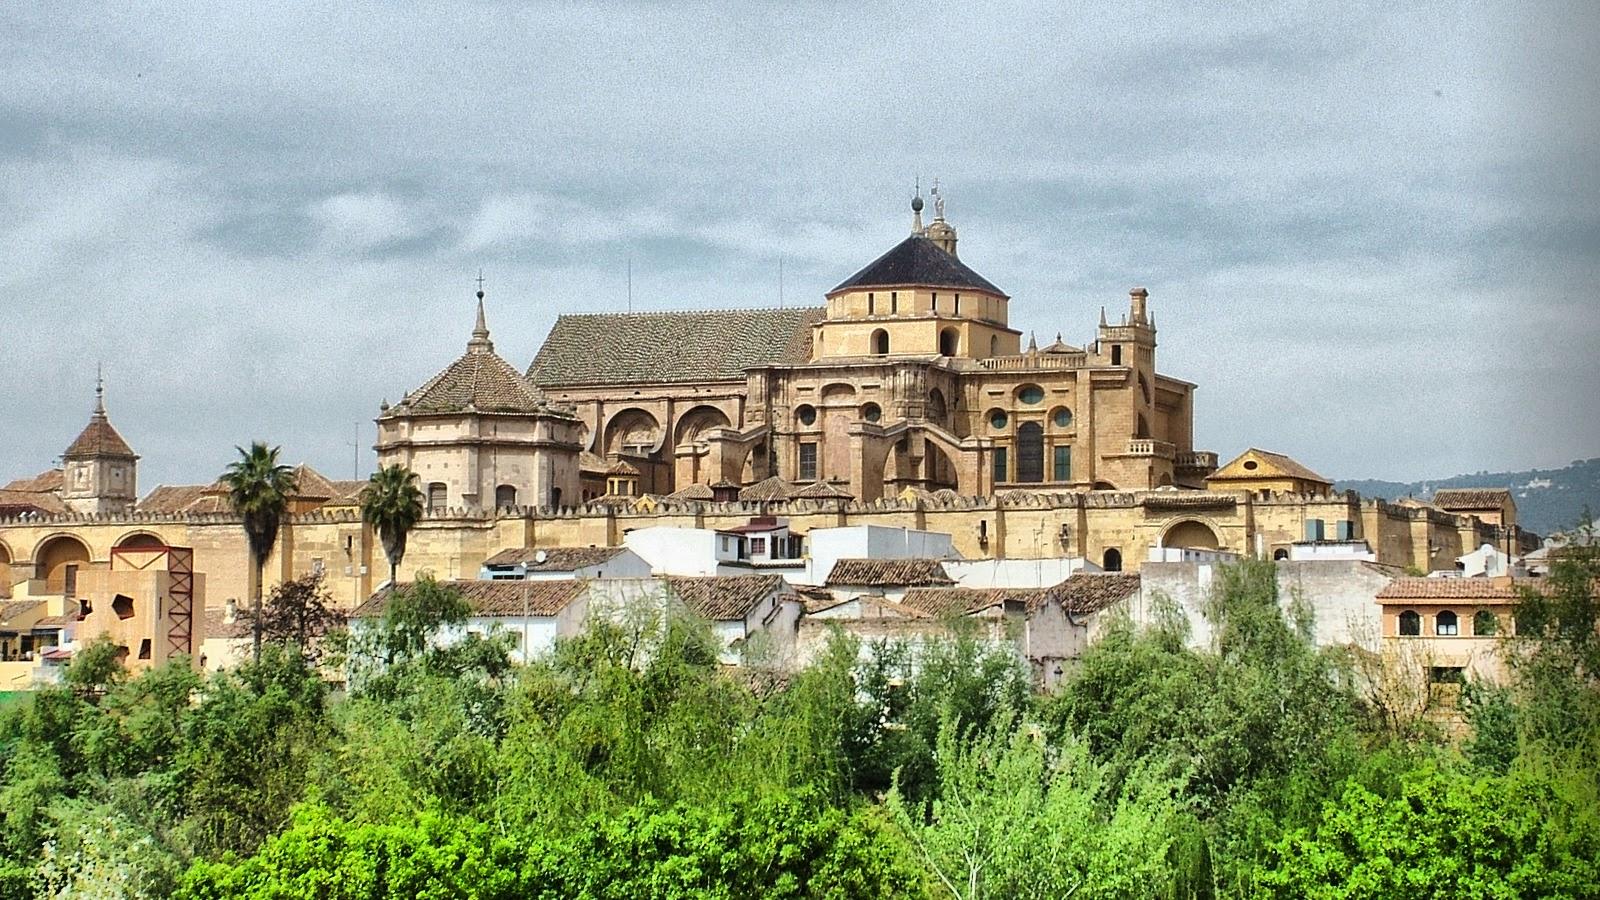 La maestuosa Moschea di Cordoba